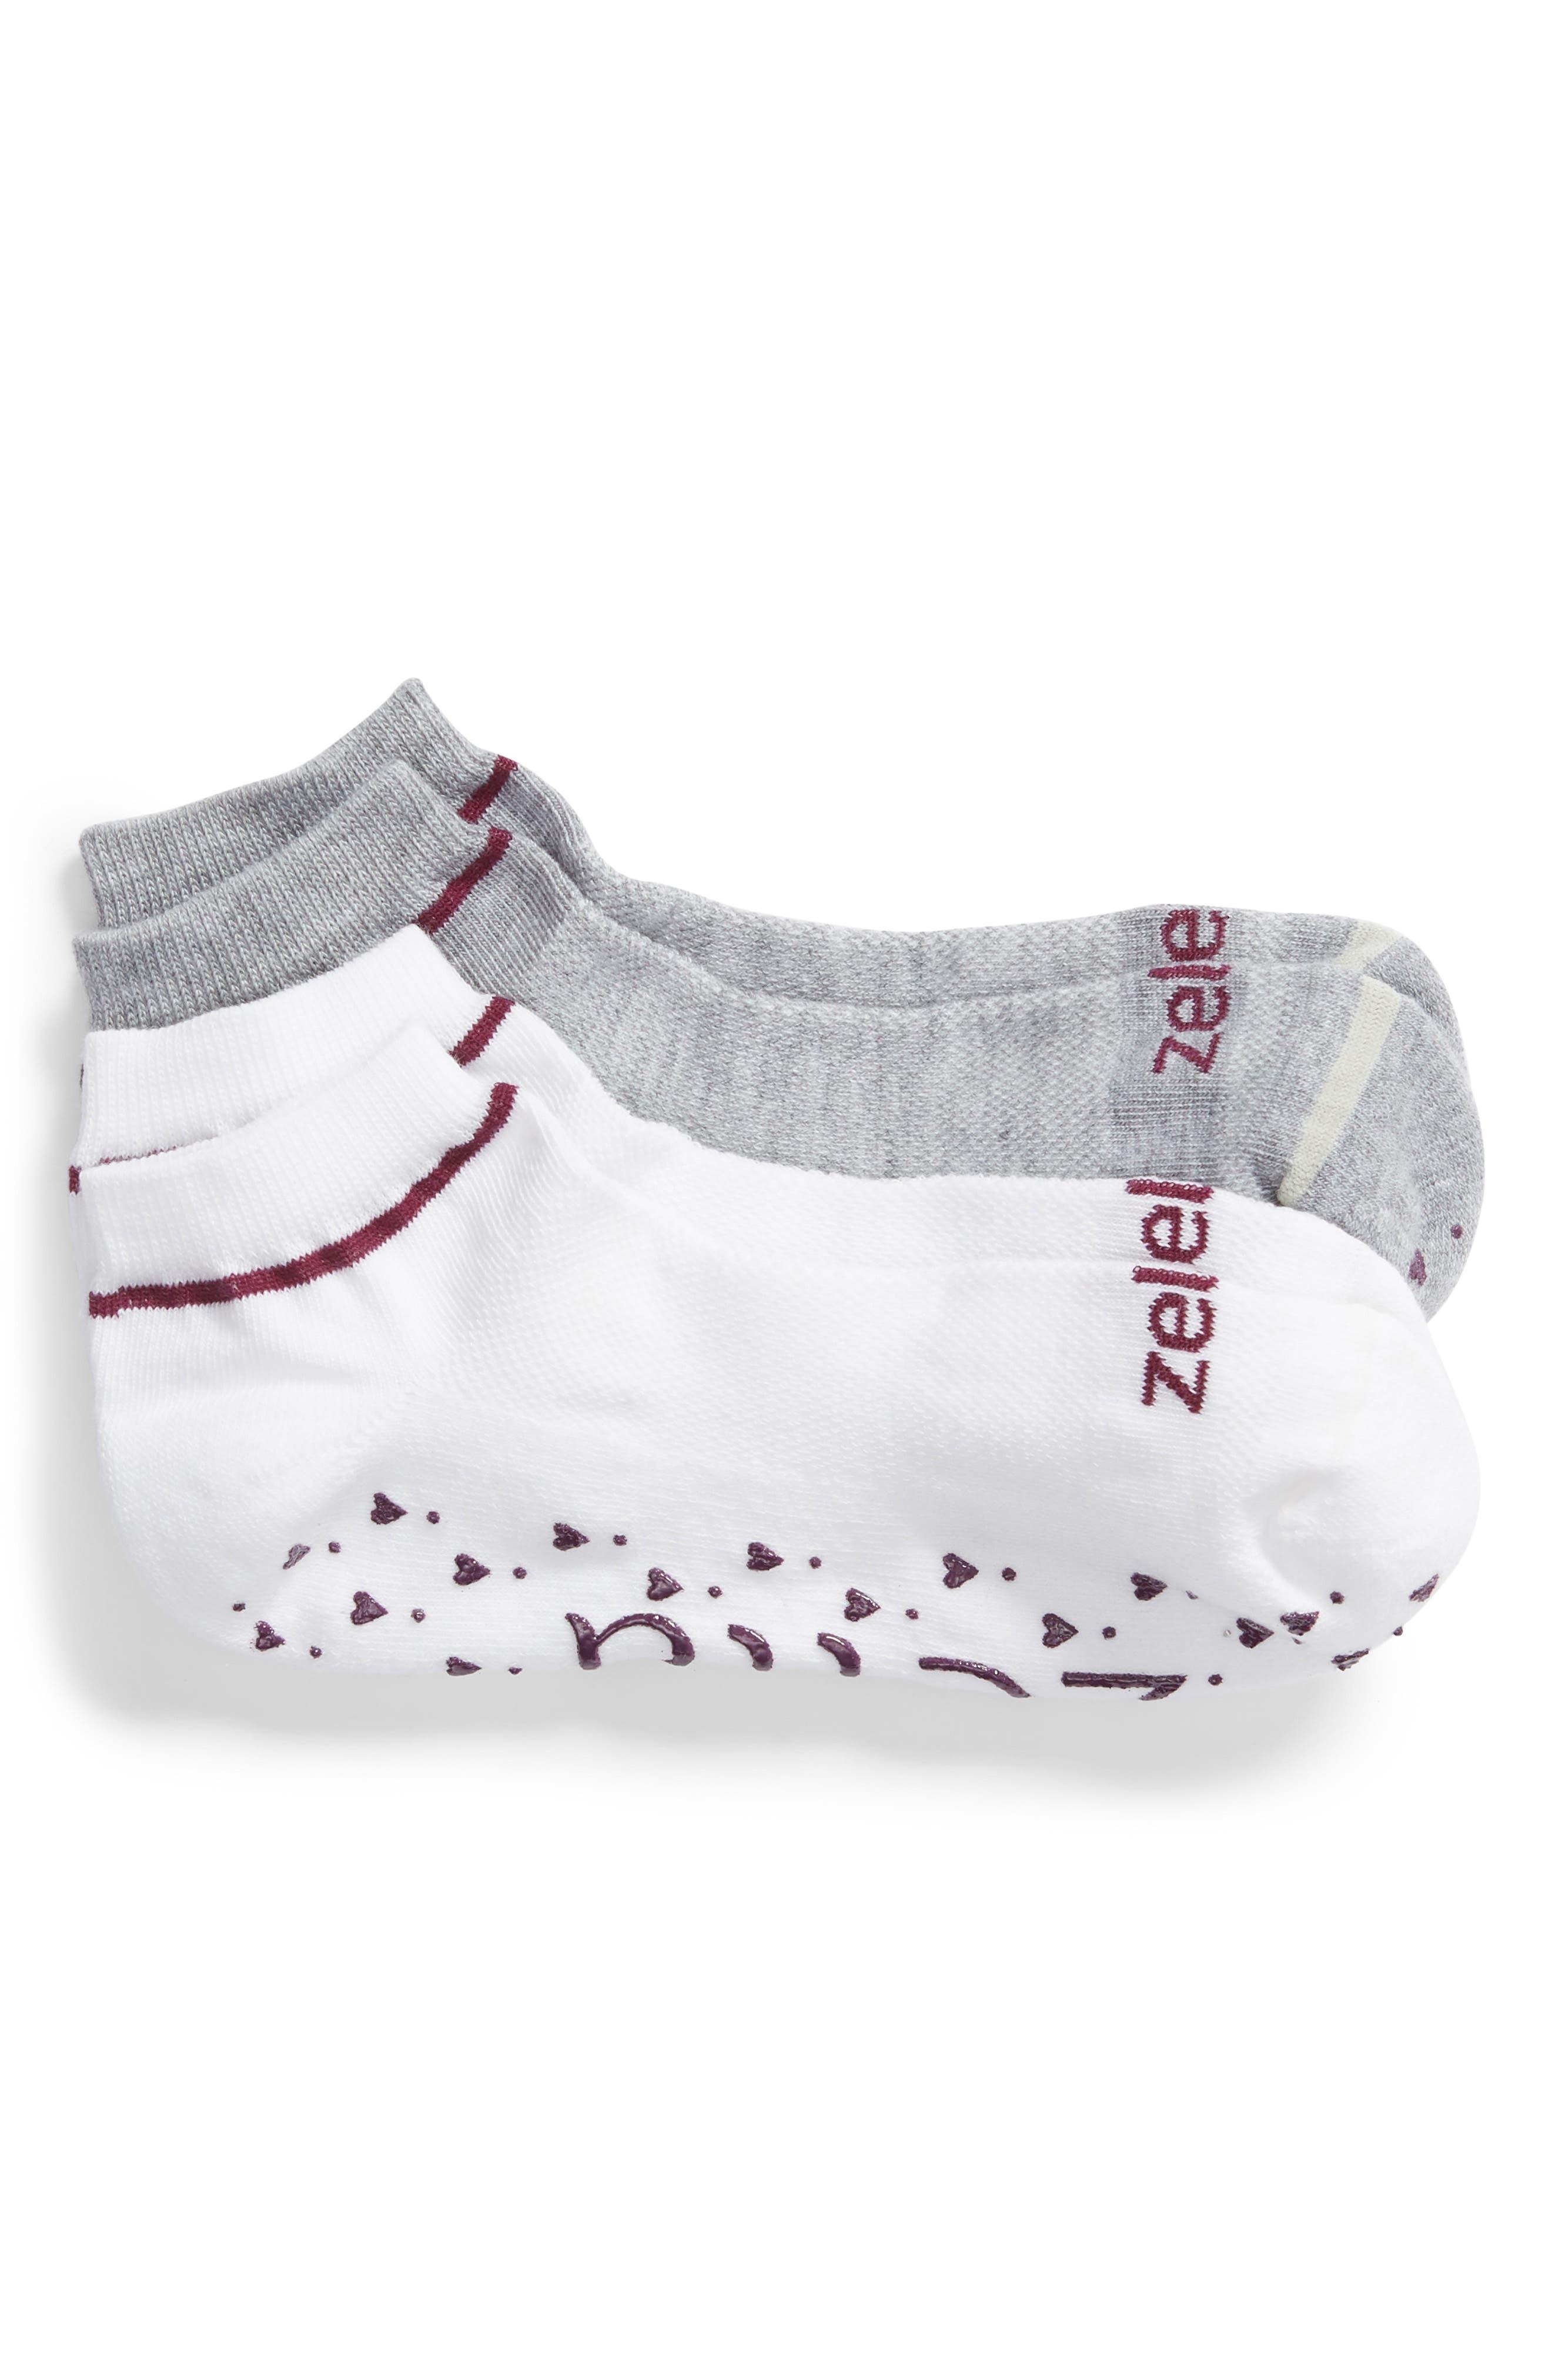 Zella 2-Pack Heart Barre Socks